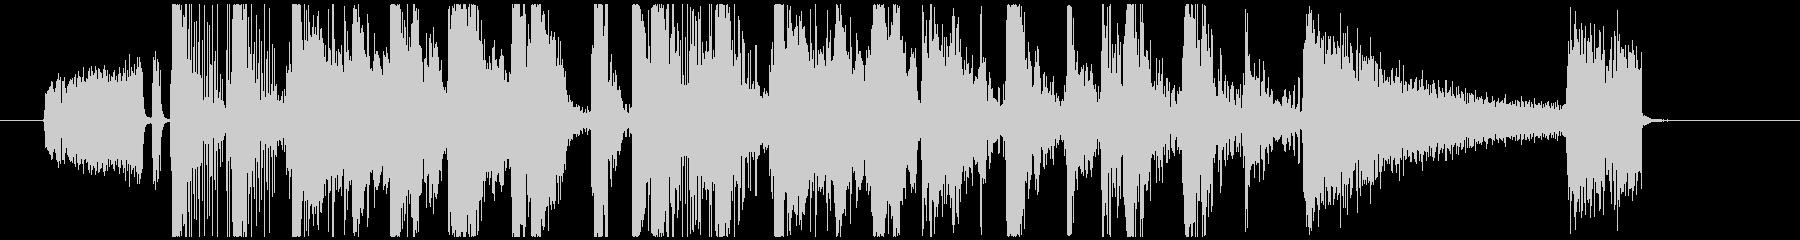 エレクトロ_ハイクオリティージングル_6の未再生の波形